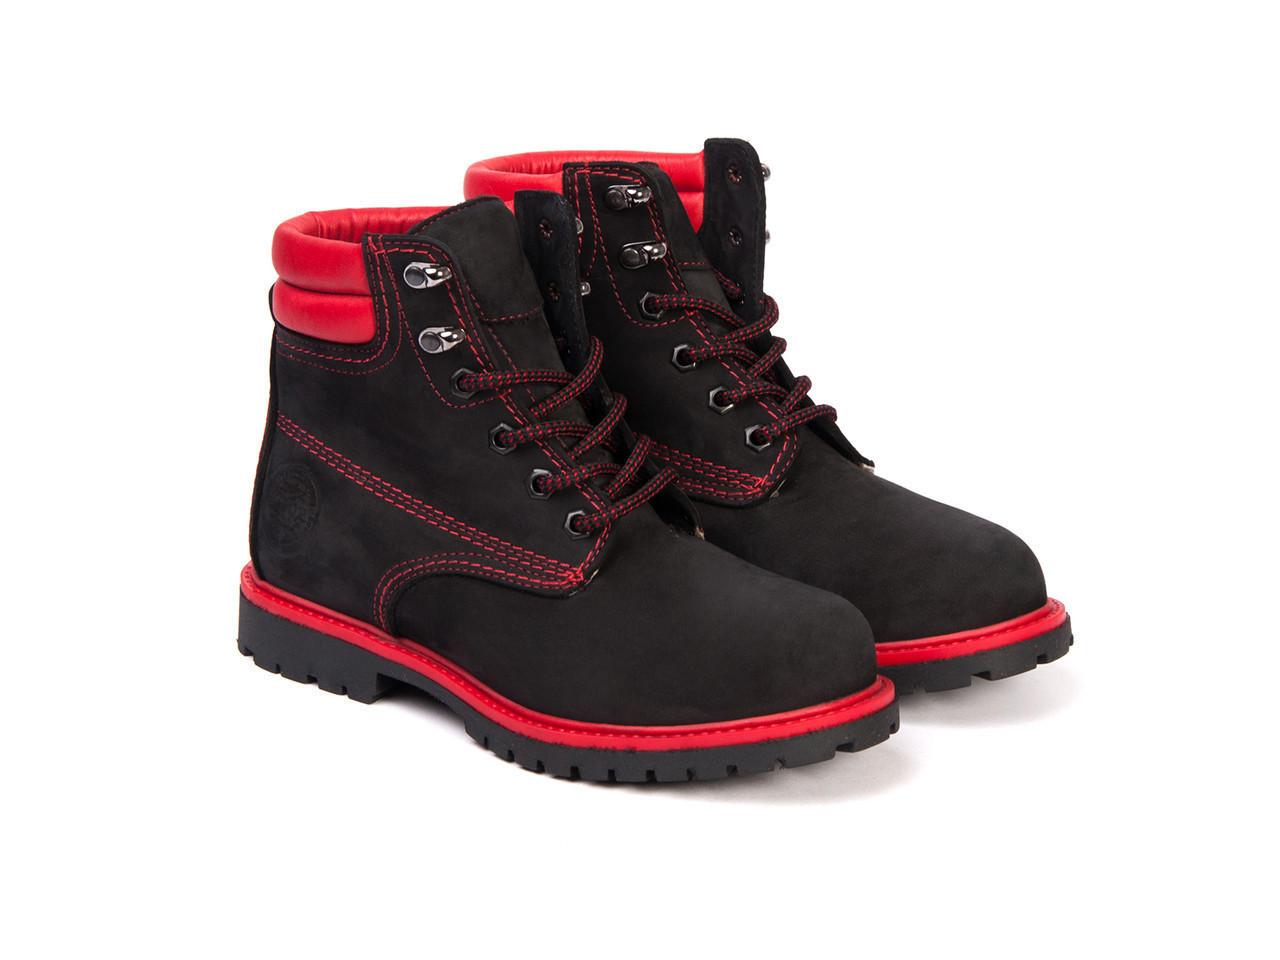 Ботинки Etor 2852-4310-2298-1 39 черные